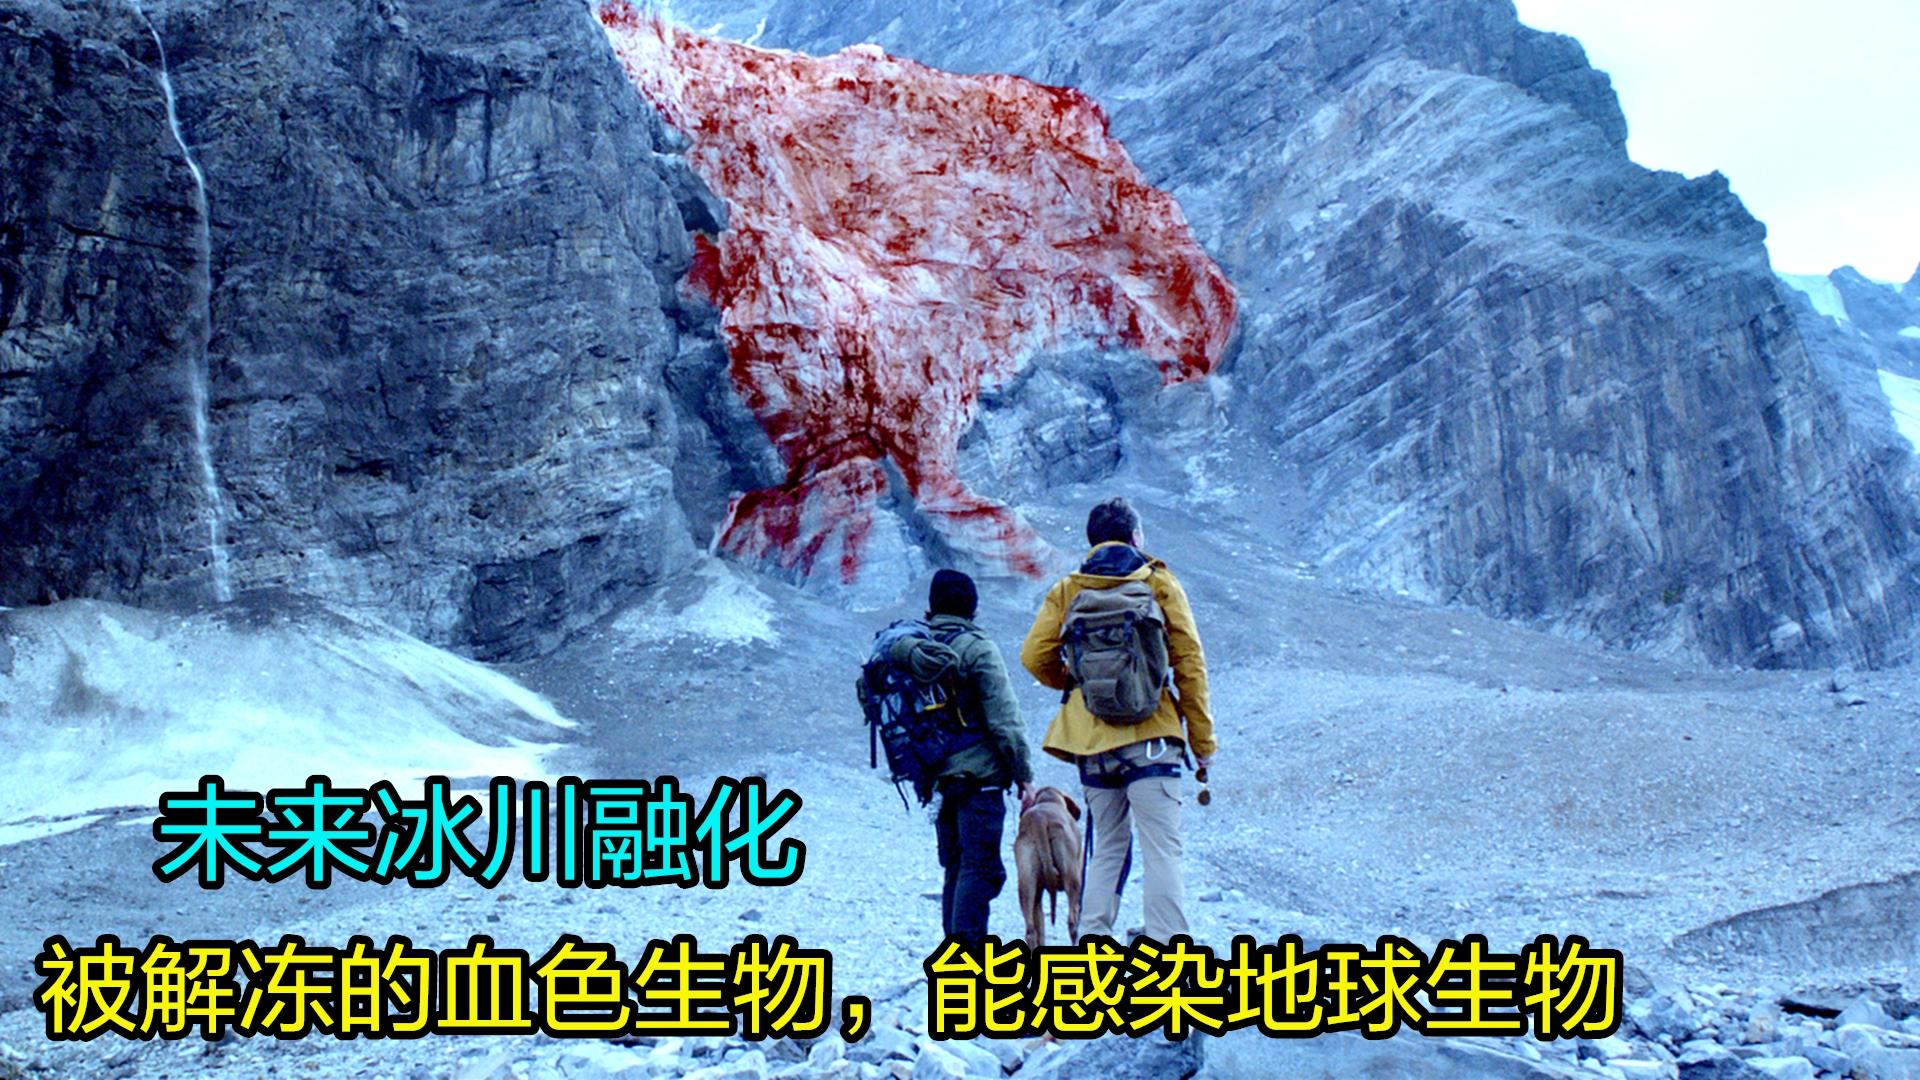 科幻片:未来冰川融化,被解冻的血色生物,能感染地球生物!